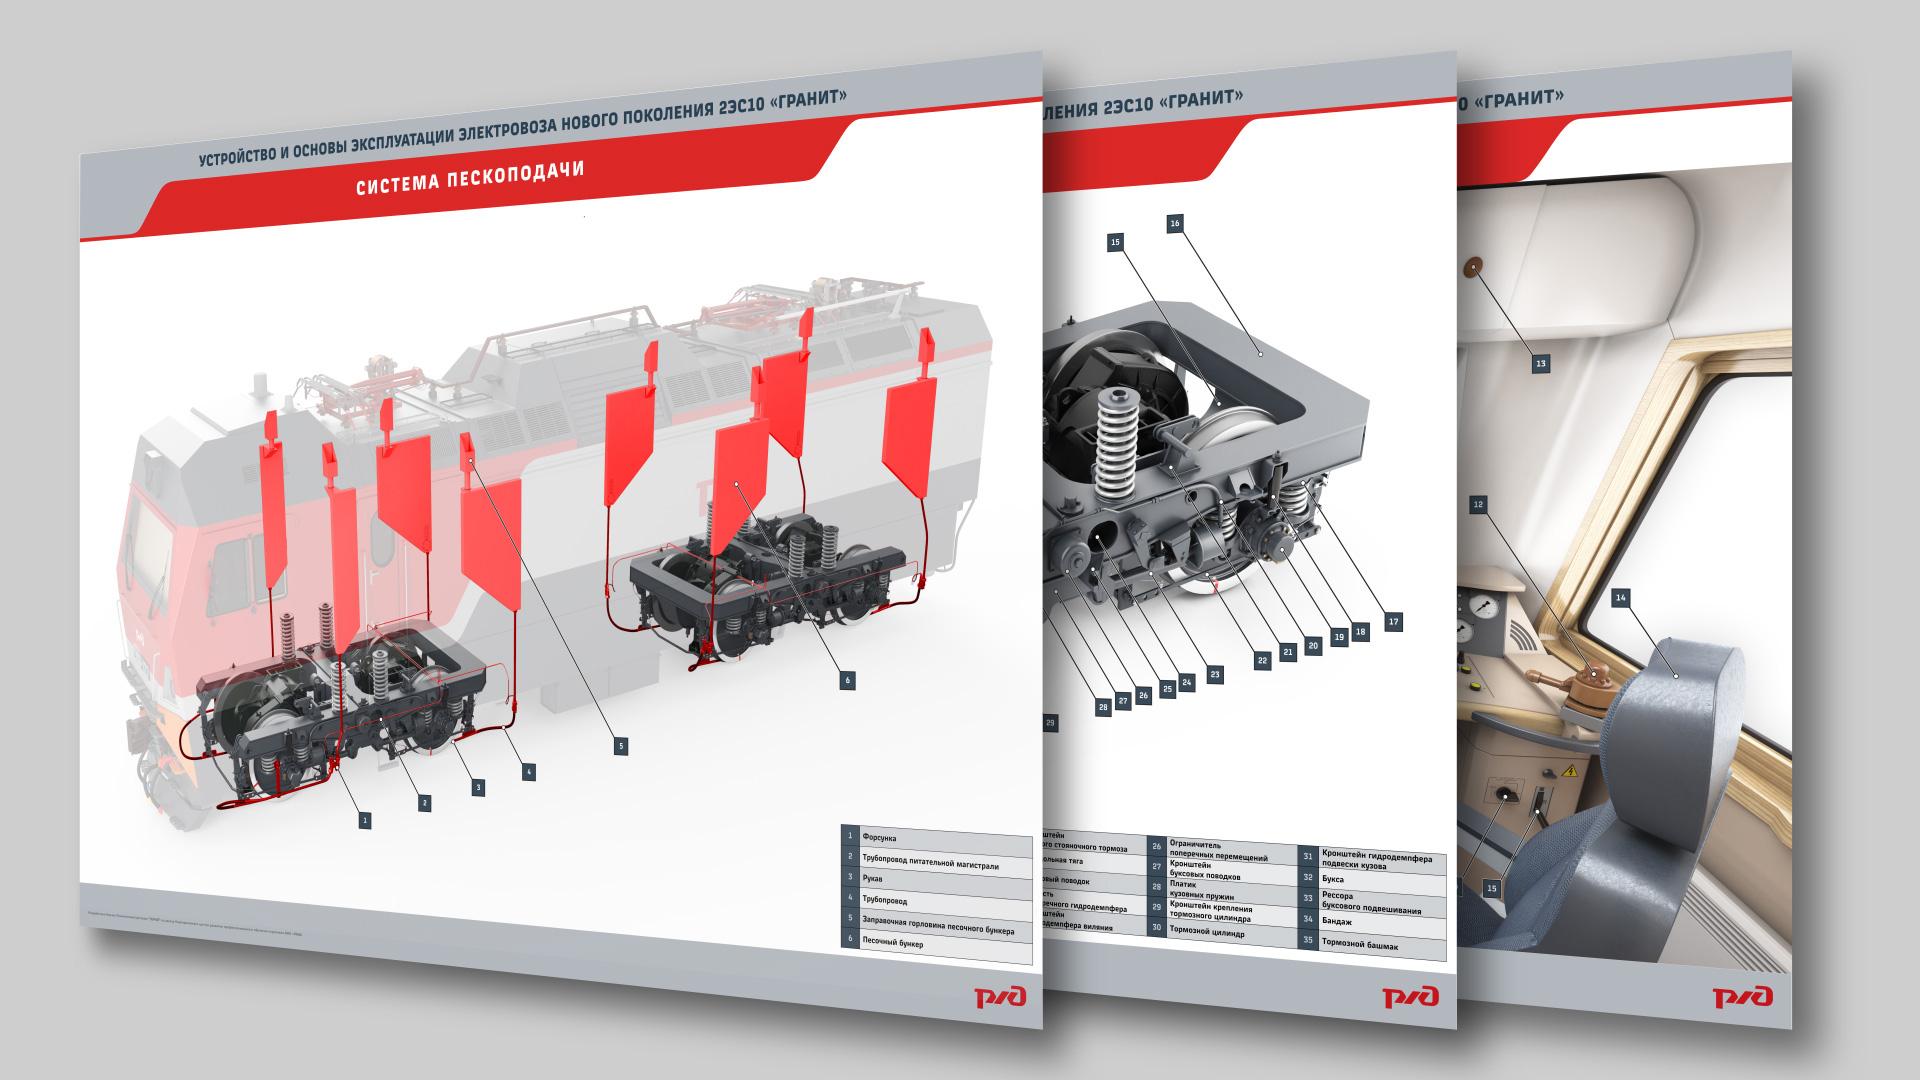 granit16 03 Электронный учебный комплекс «Устройство и основы эксплуатации электровозов нового поколения 2ЭС10 «Гранит»